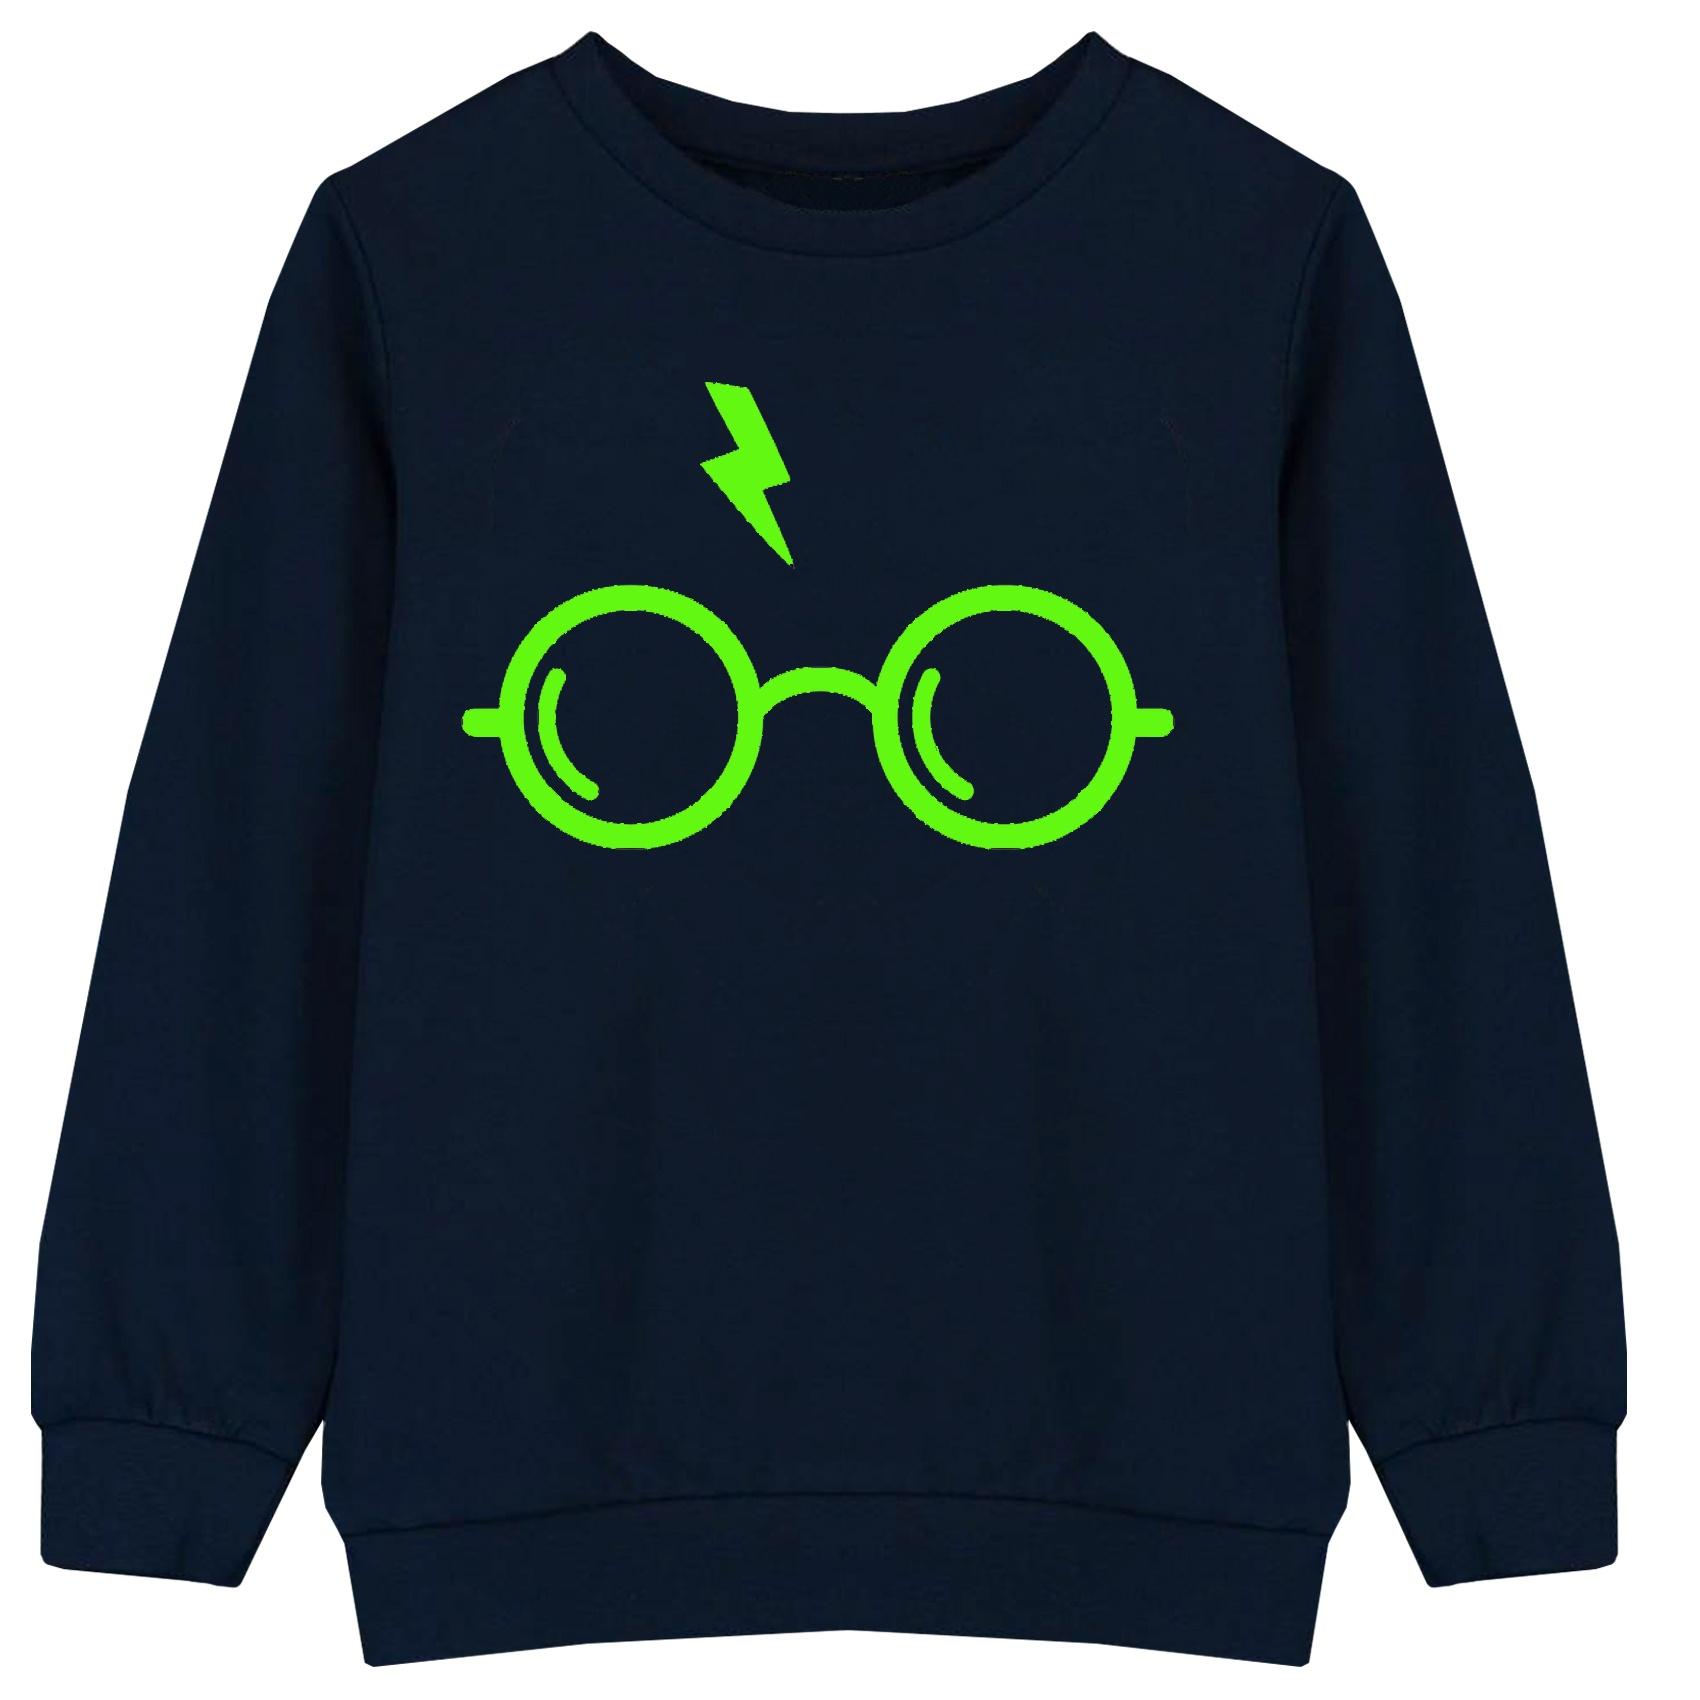 خرید                     سویشرت پسرانه طرح هری پاتر کد F06 رنگ سرمه ای